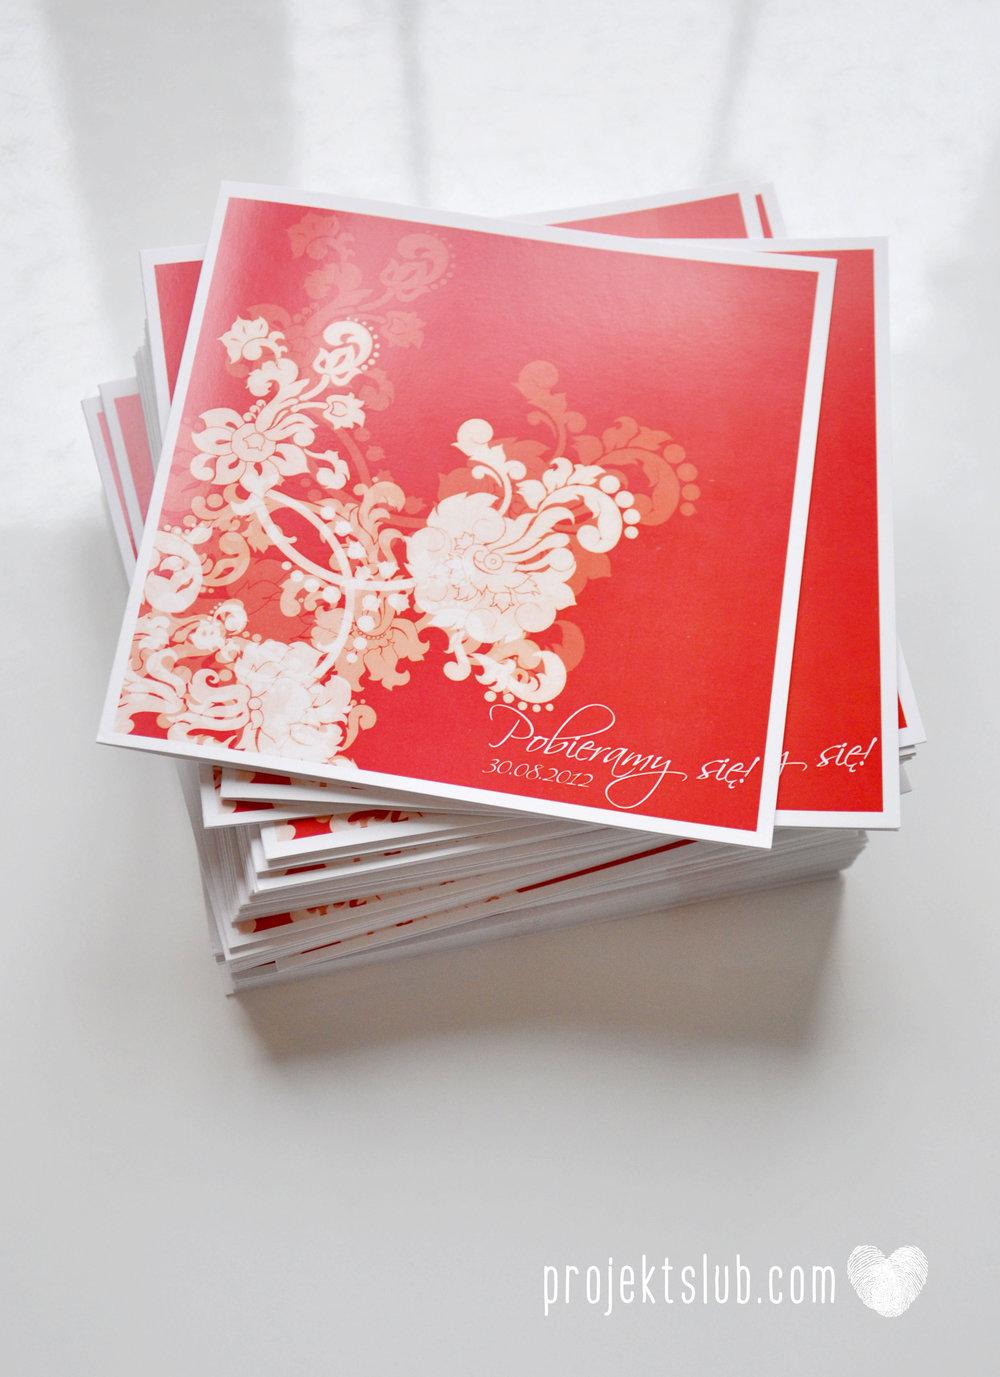 Zaproszenia i dodatki ślubne czerwona elegancja winietki menu zawieszki Projekt Ślub (1).jpg